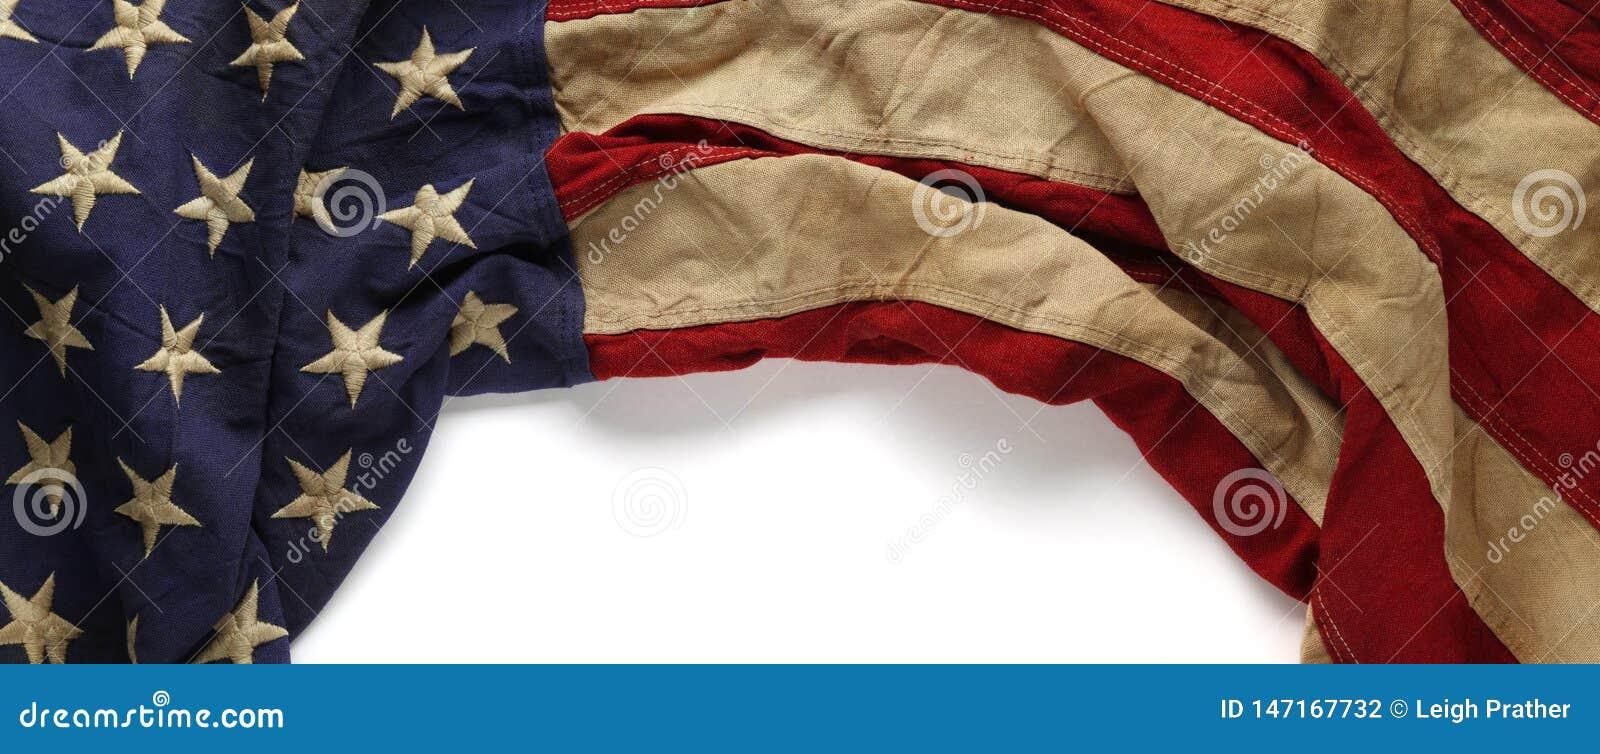 Rocznik czerwień, biel i błękitna flaga amerykańska dla dnia, dnia pamięci lub weterana